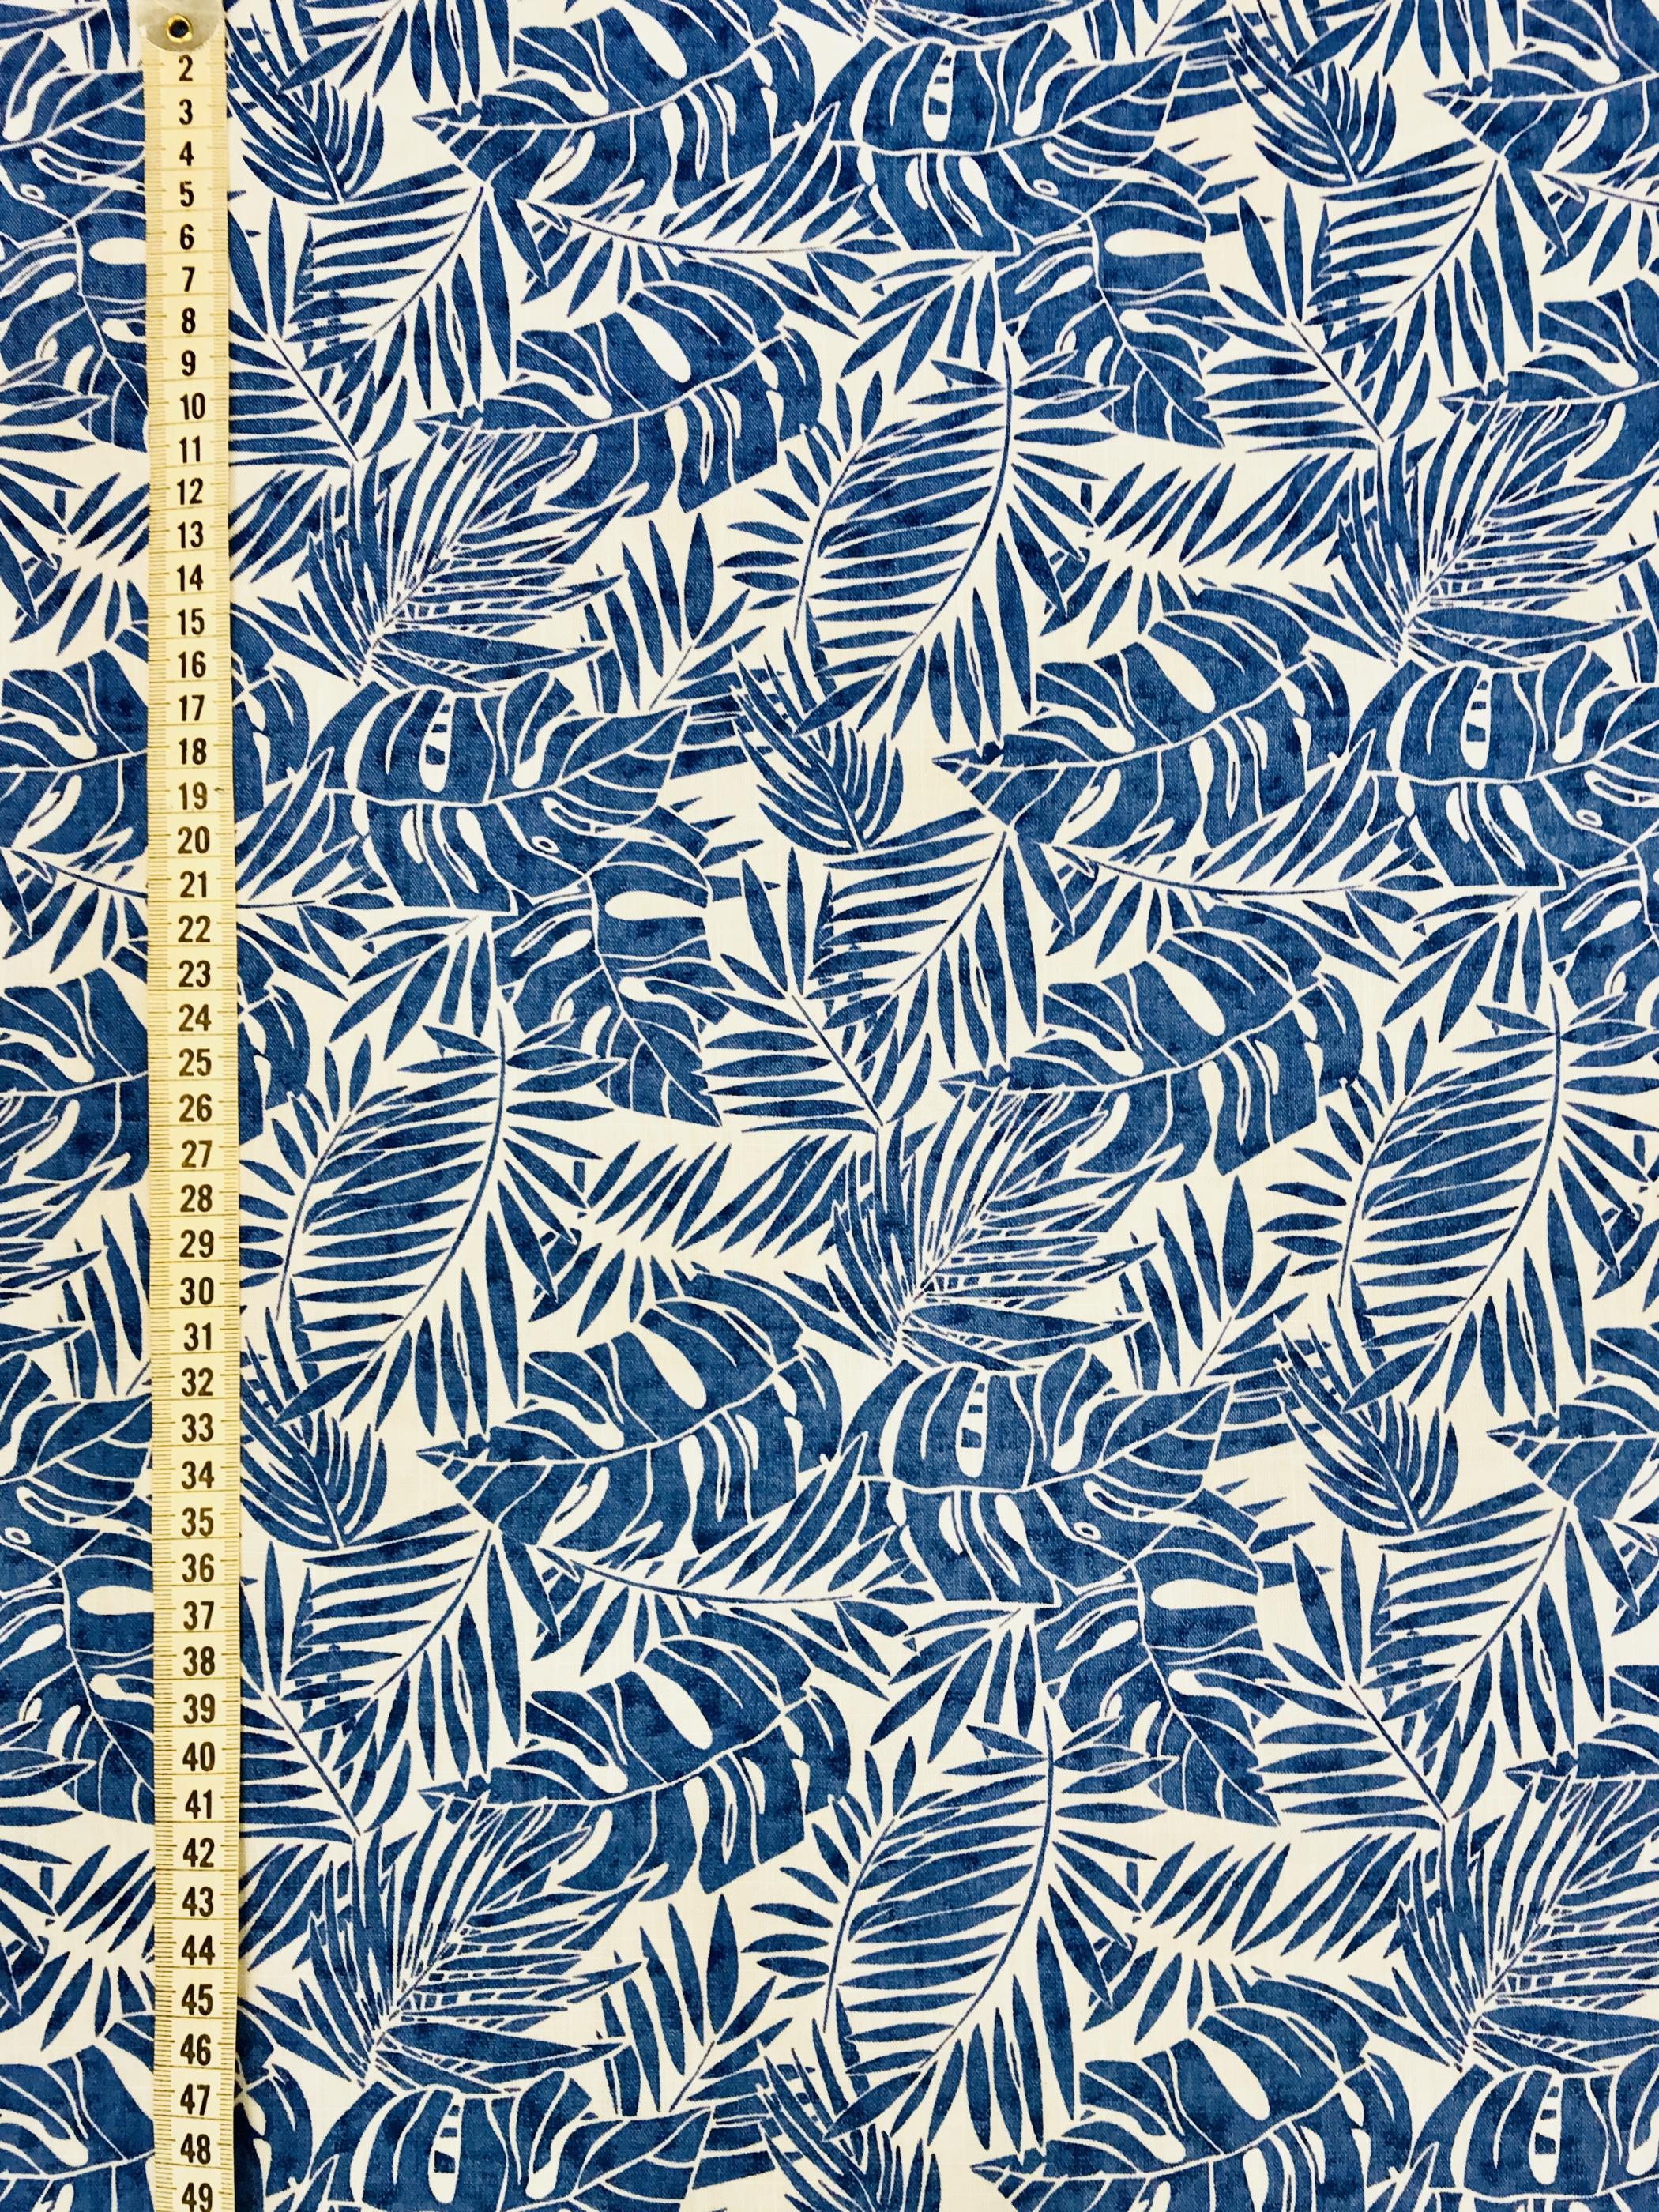 djungelblad blå blad metervara bomull